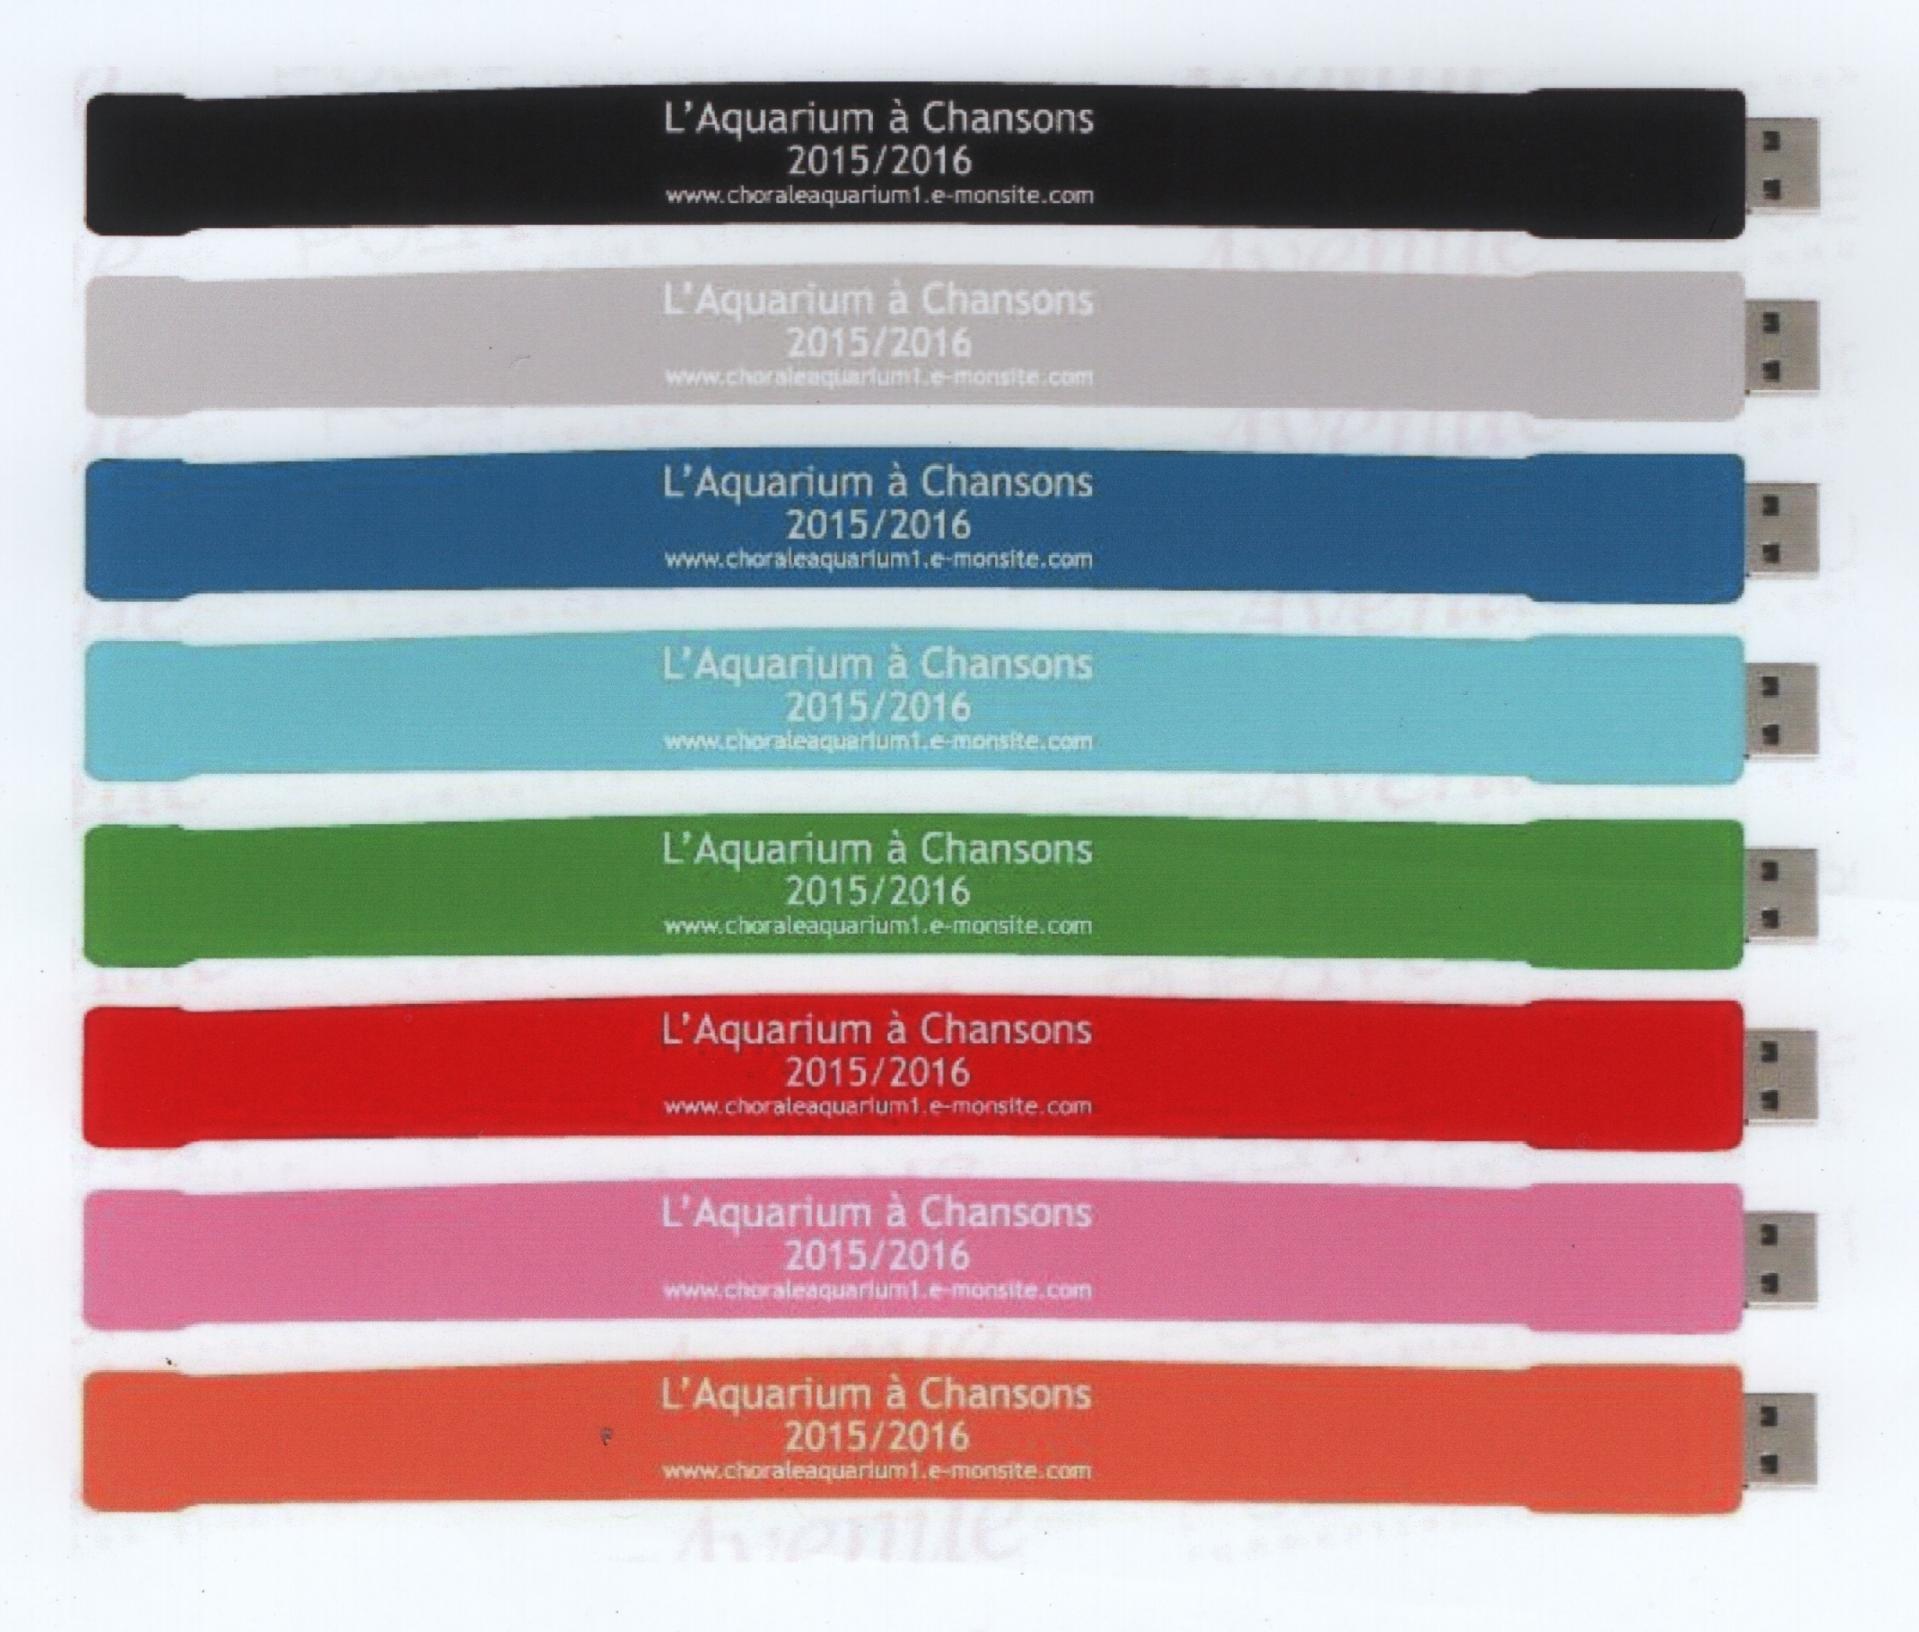 Photo site bracelets usb